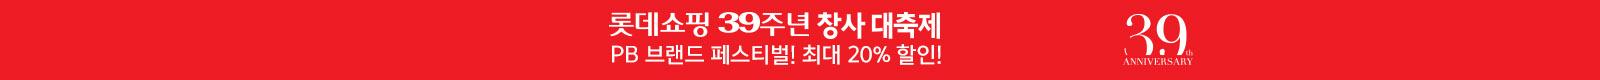 롯데쇼핑 39주년 창사 대축제 PB 브랜드 페스티벌! 최대 20% 할인!